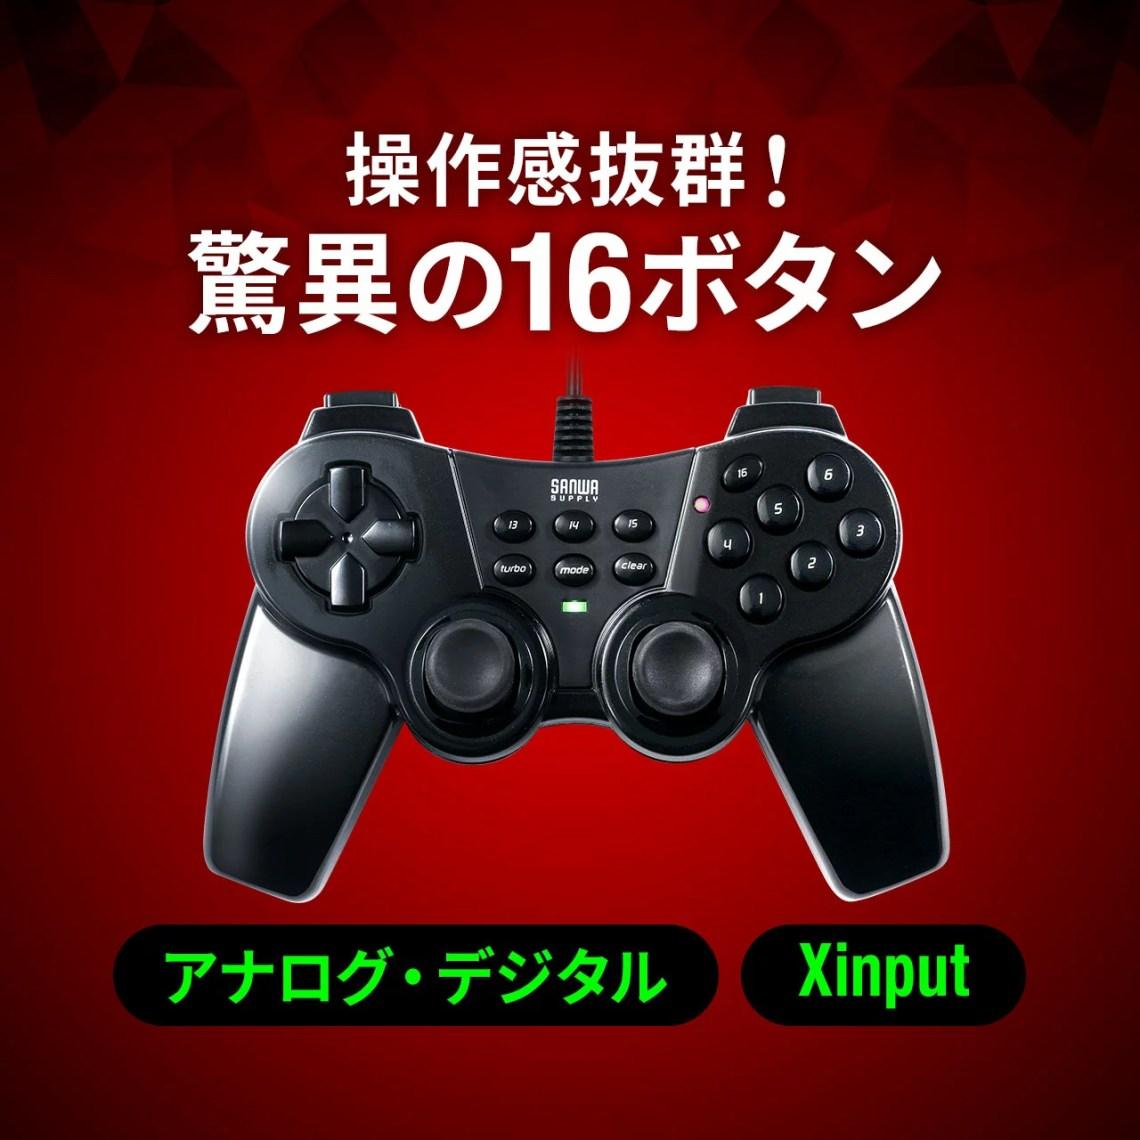 ゲームパッド PC 有線 ゲームコントローラー USB 16ボタン 連射対応 Xinput対応 振動